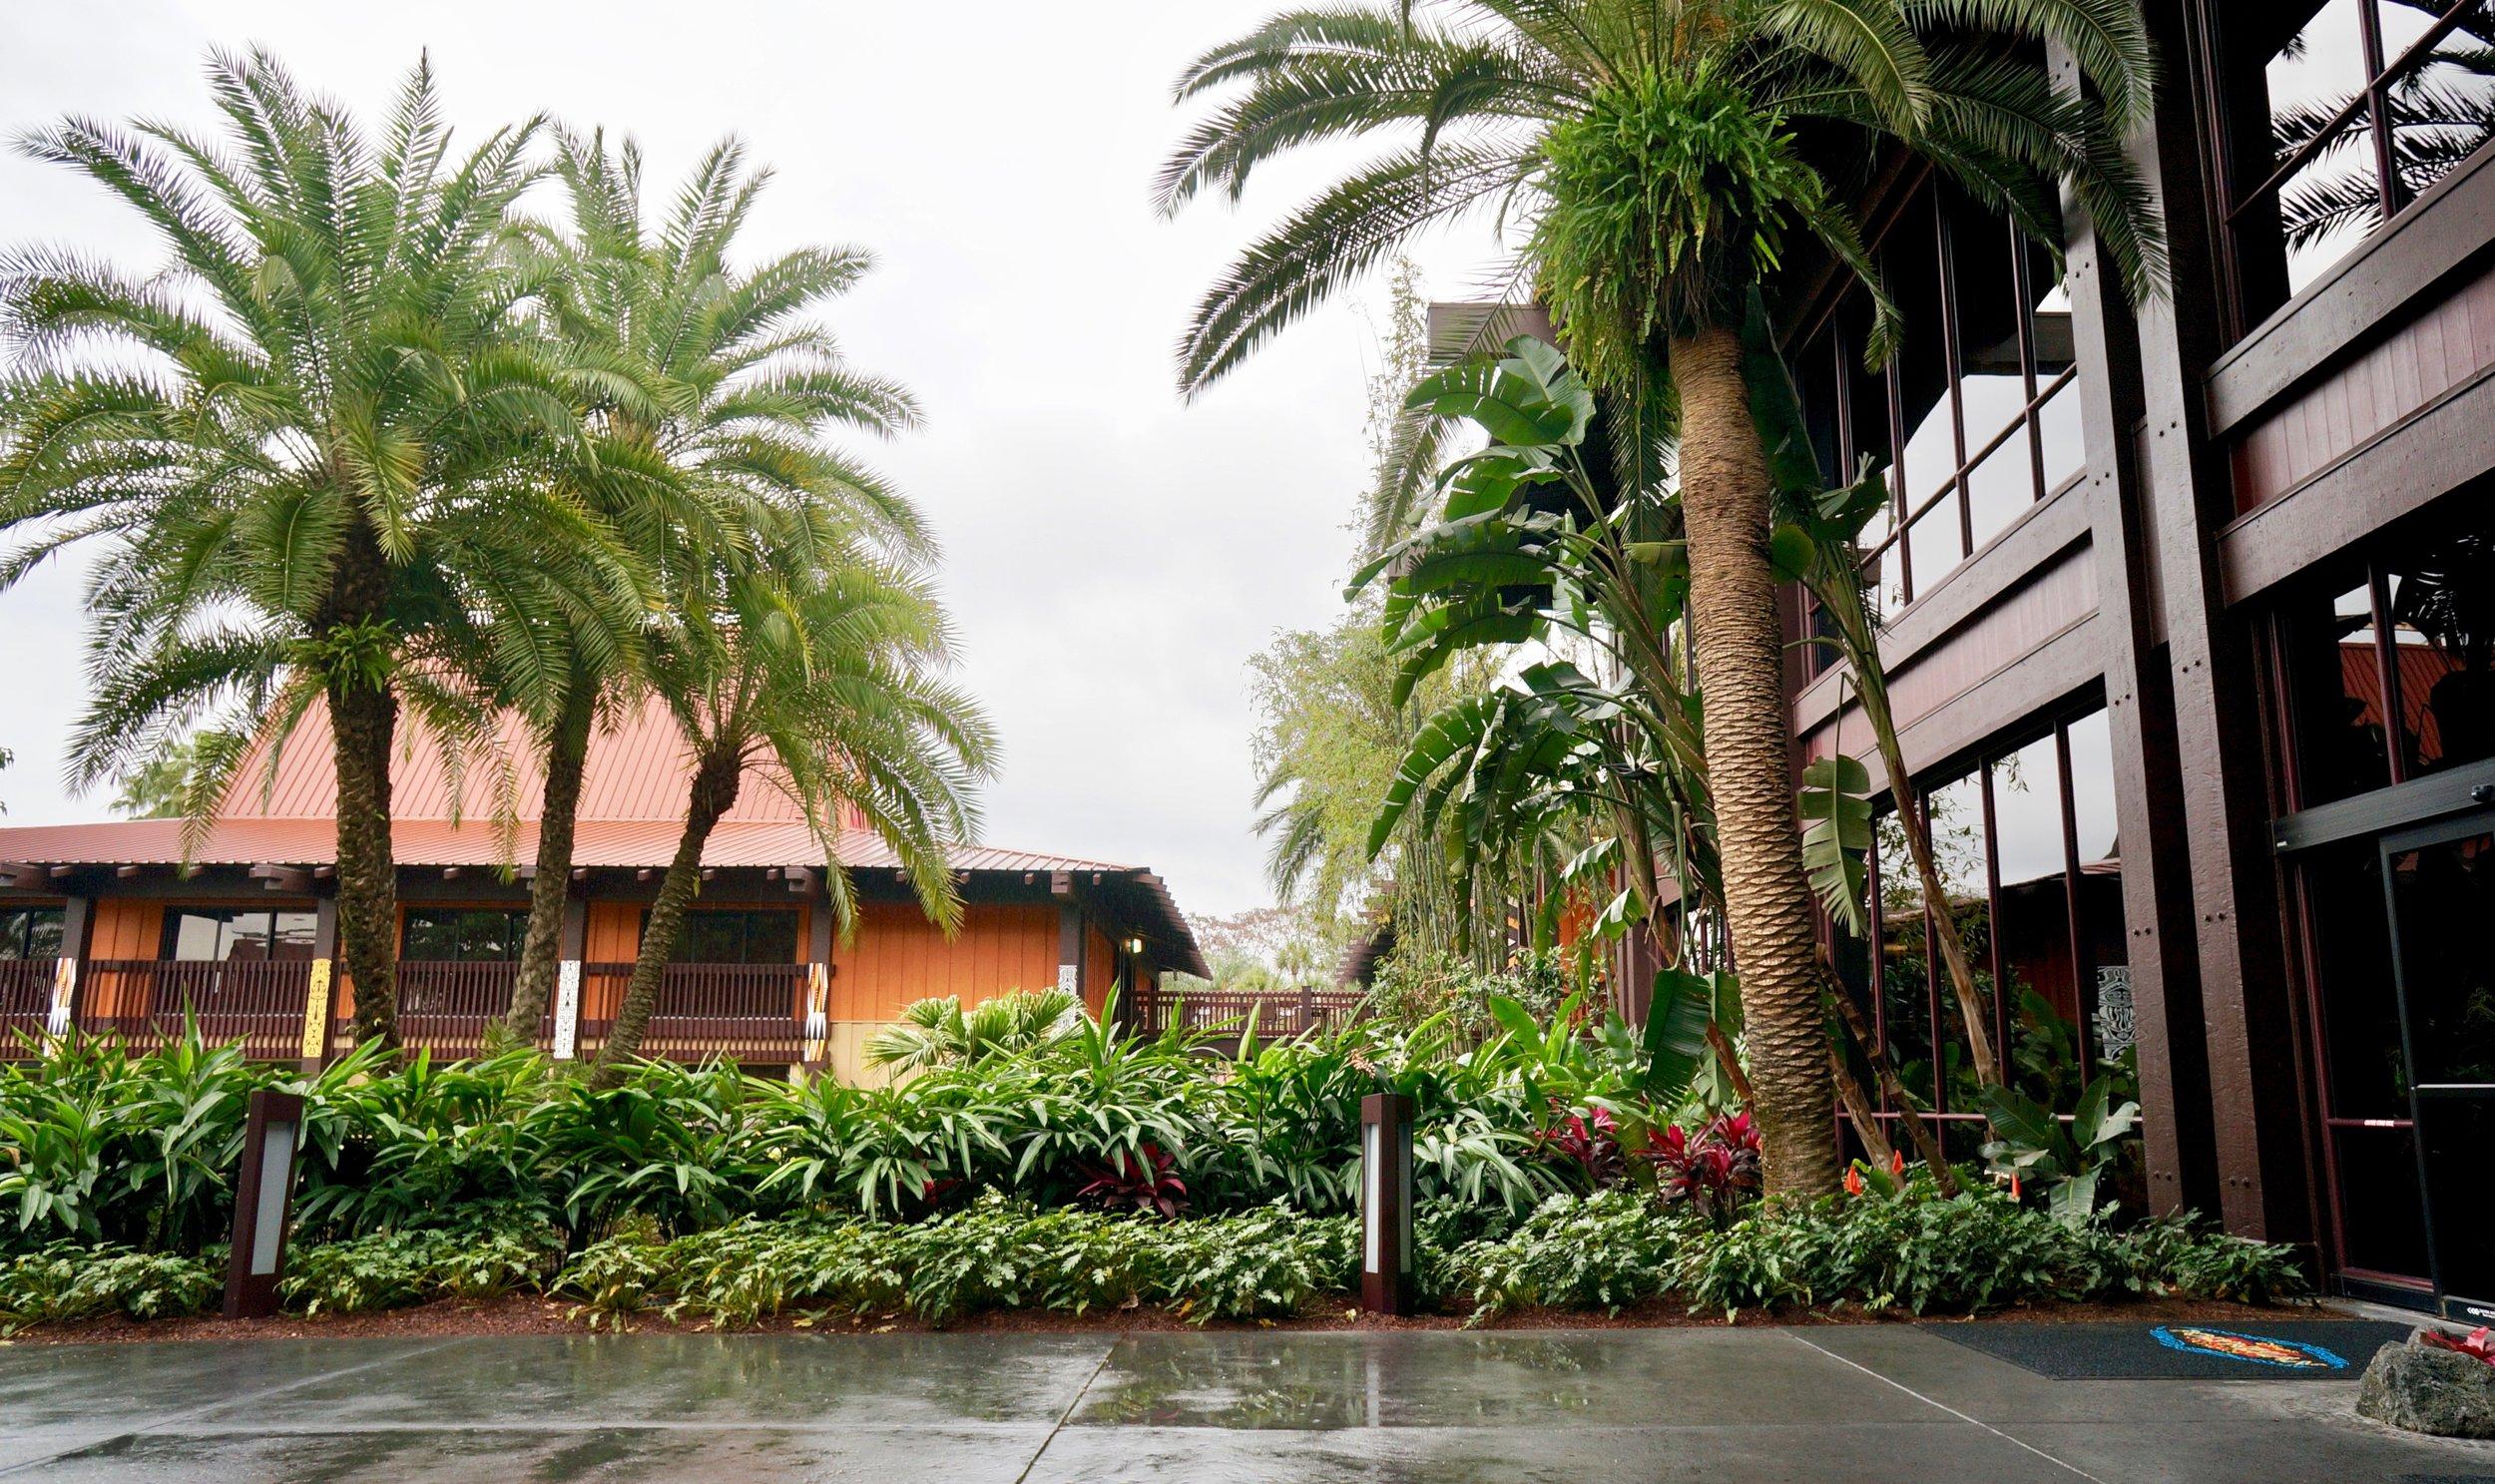 polynesian-landscaping-buildings.jpg